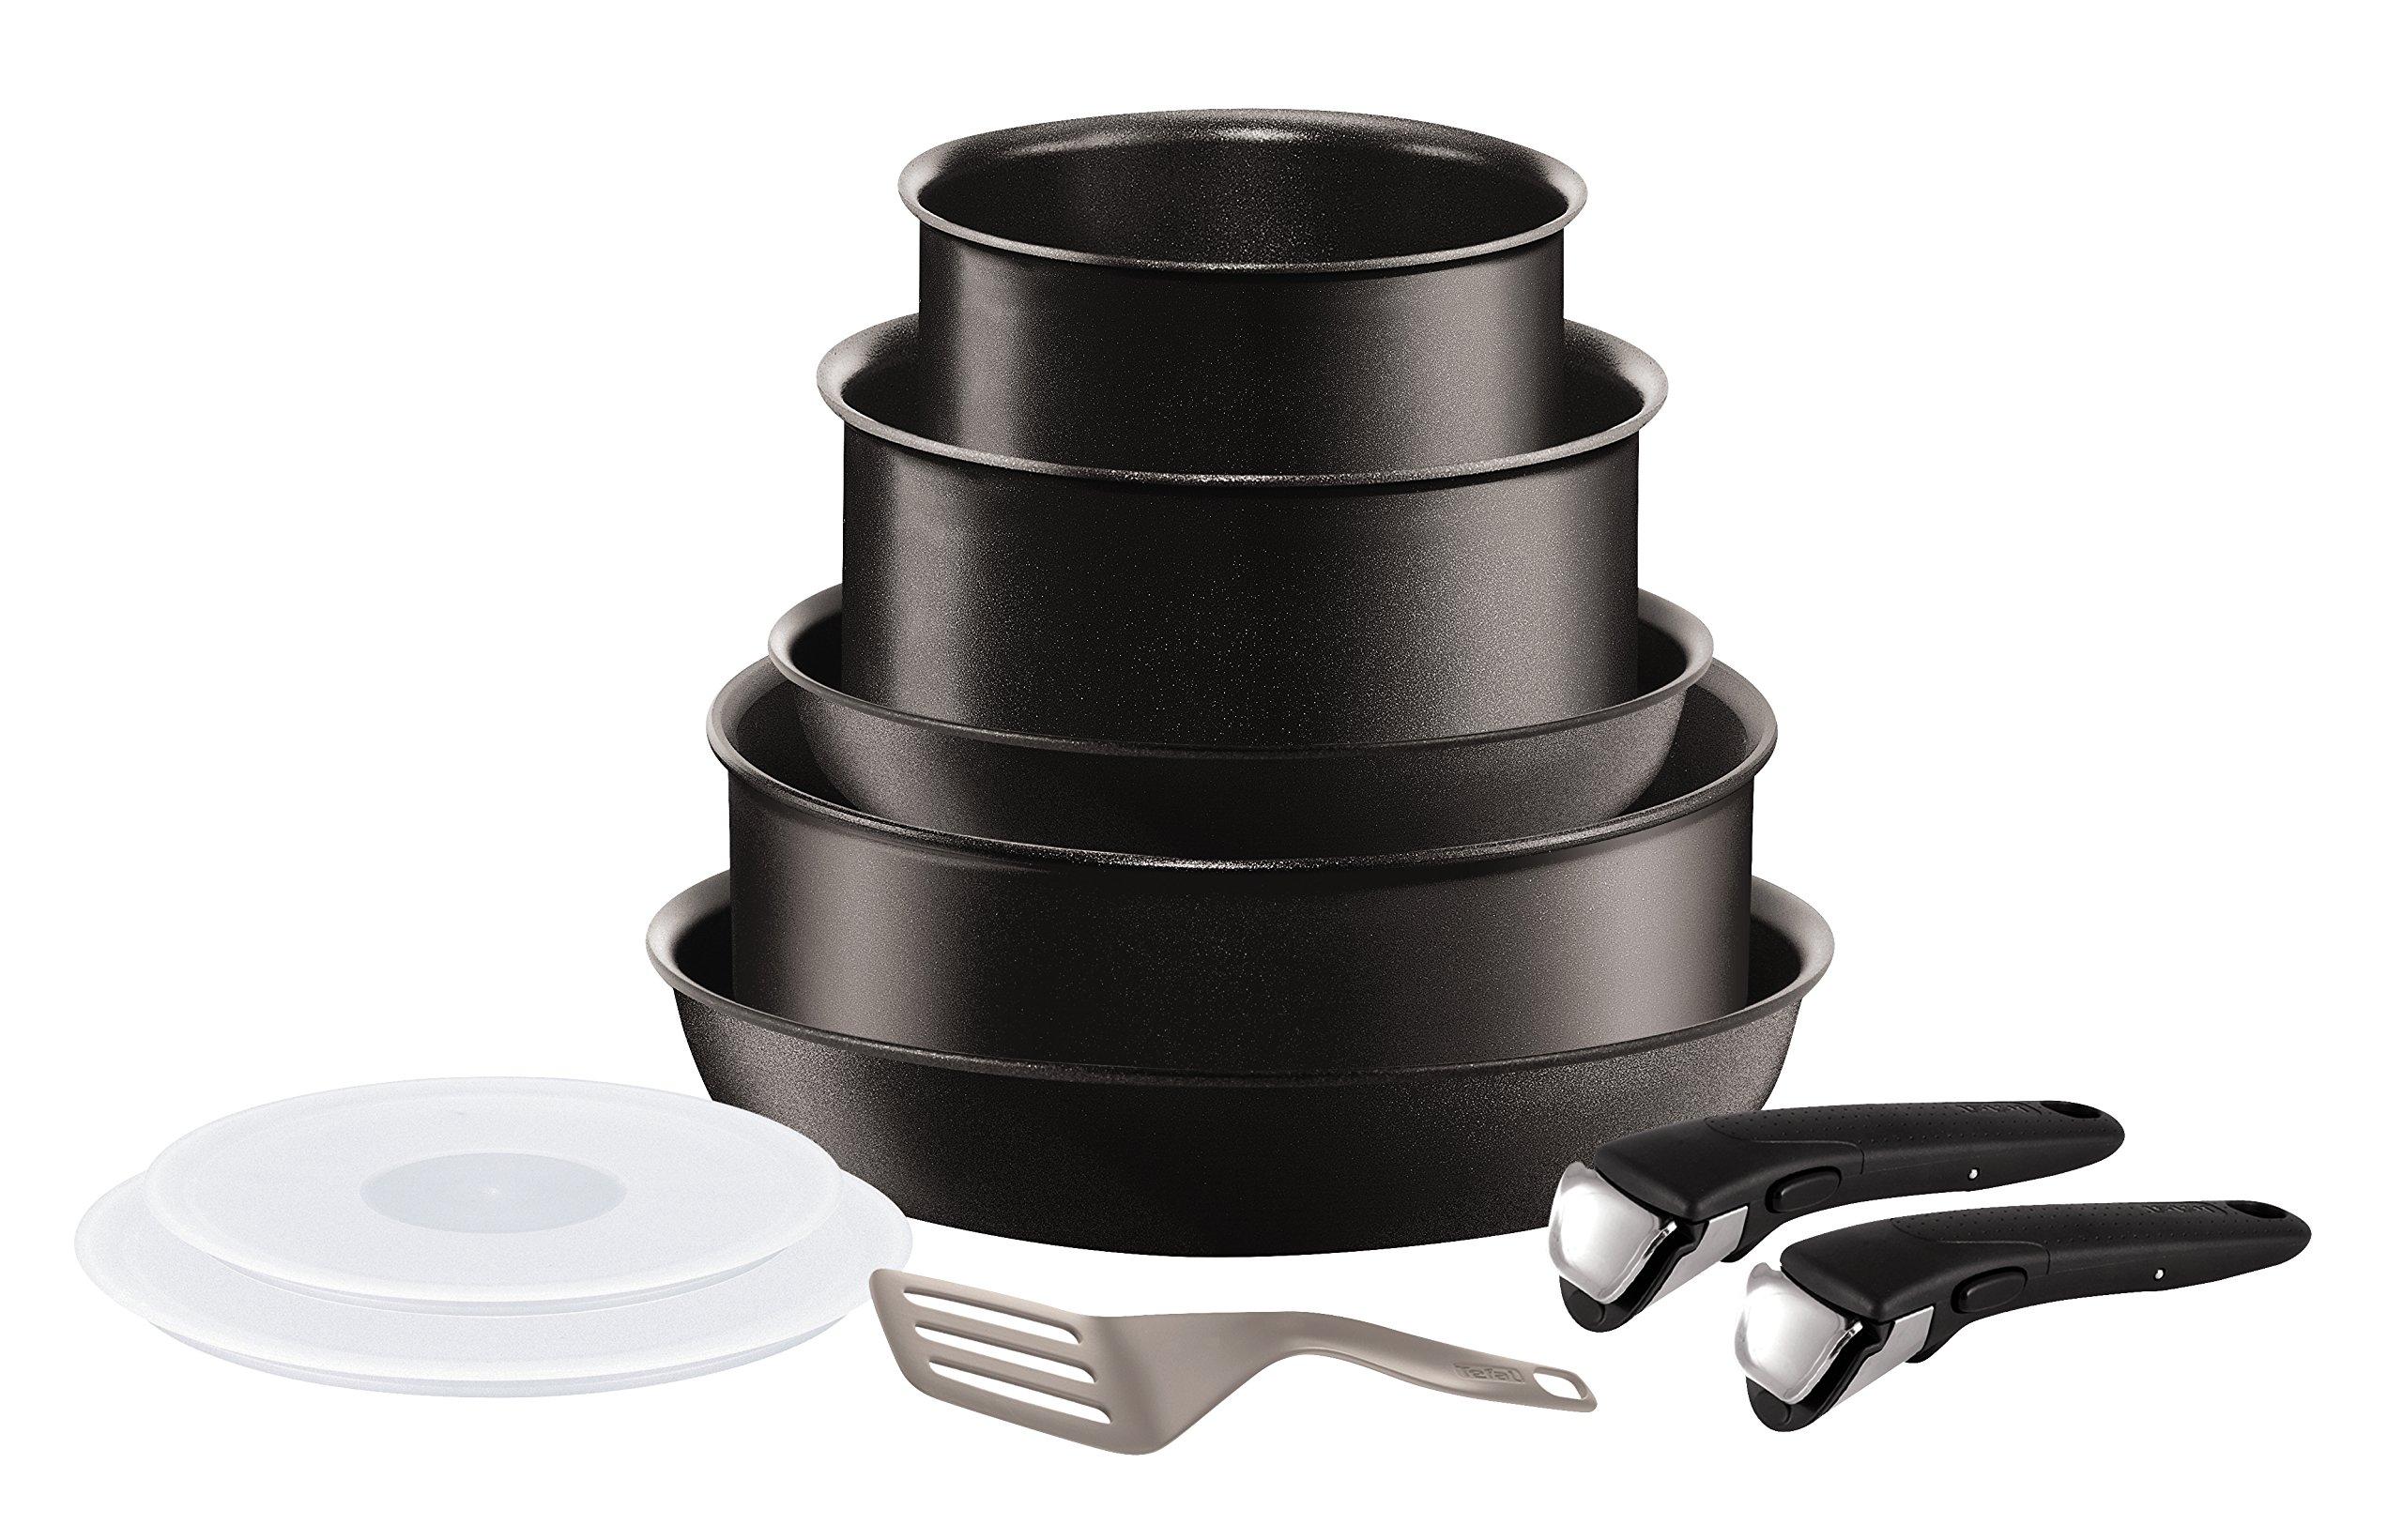 Tefal L6549702 Set de poêles et casseroles - Ingenio 5 Performance Noir 10 Pièces - Tous feux dont induction product image